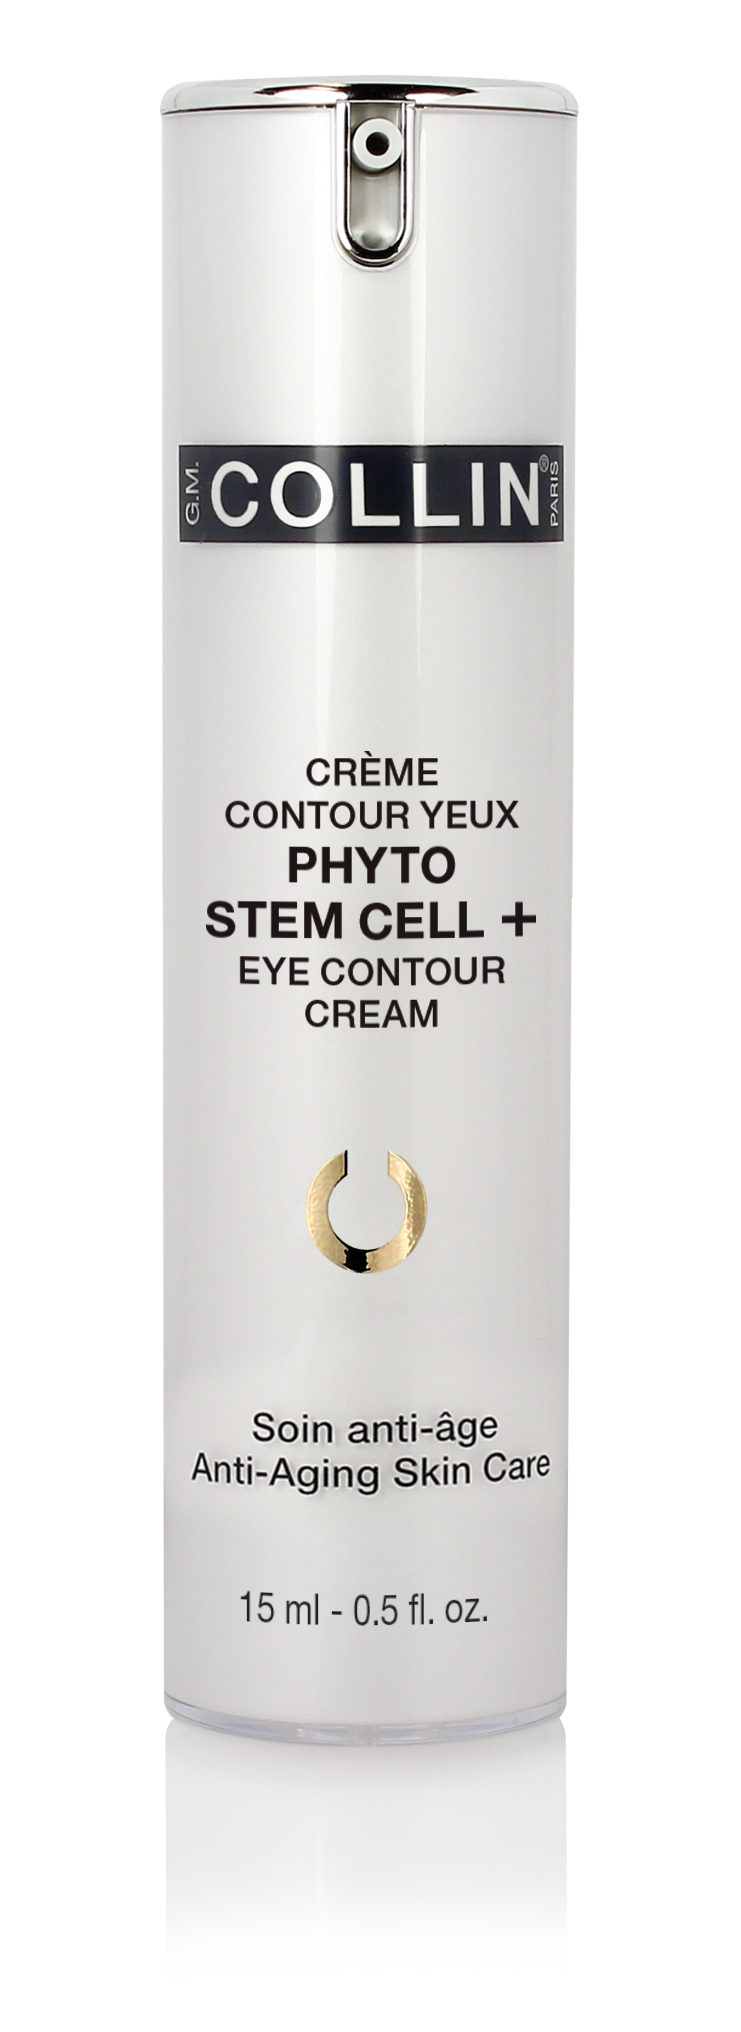 Contour Yeux Stem Cell